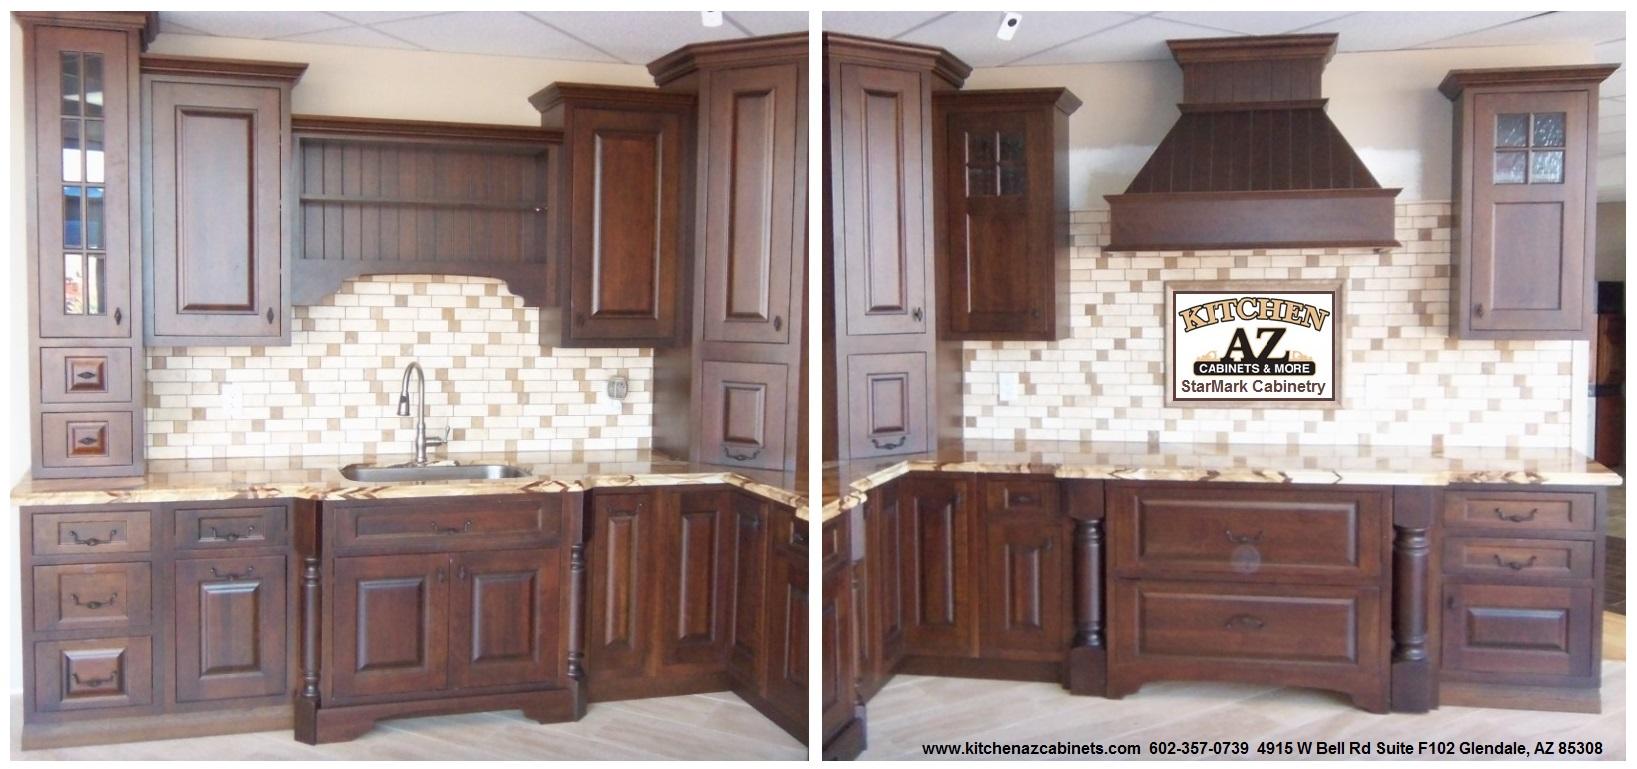 Kitchen Cabinets inGlendale AZ Remodeling Showroom